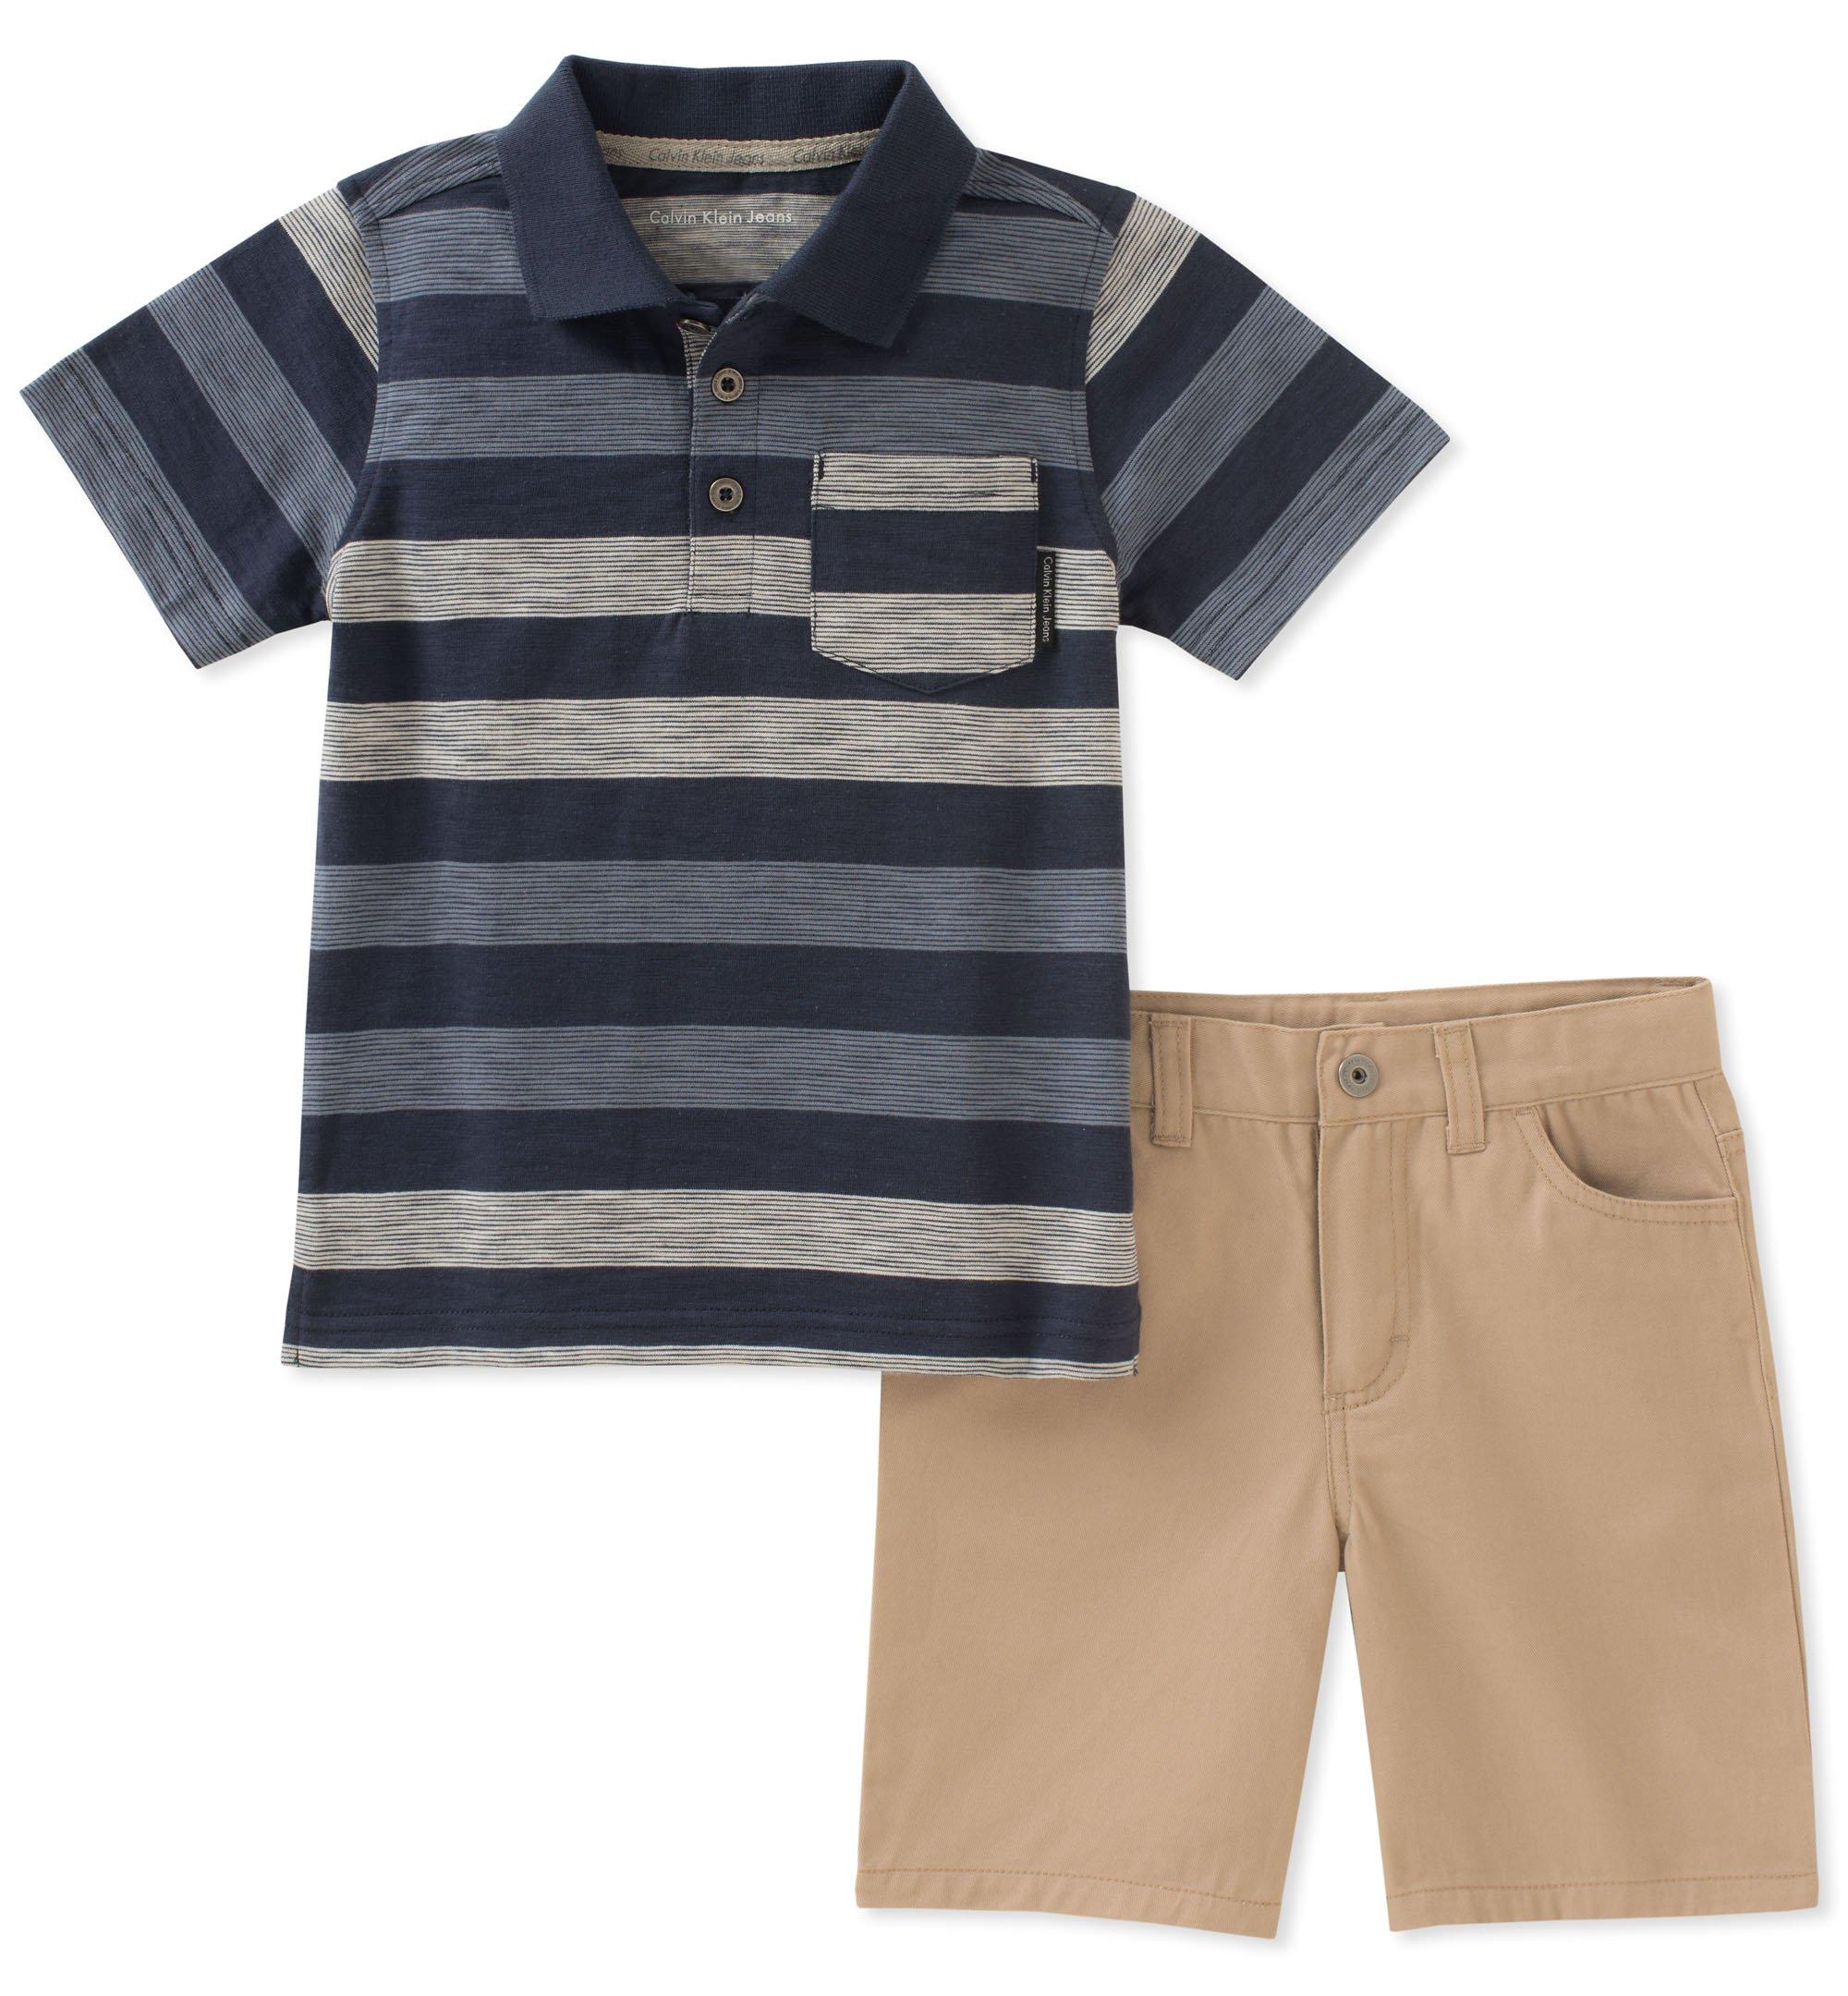 カルバンクライン男の子2つのPOLOシャツパンツスーツ